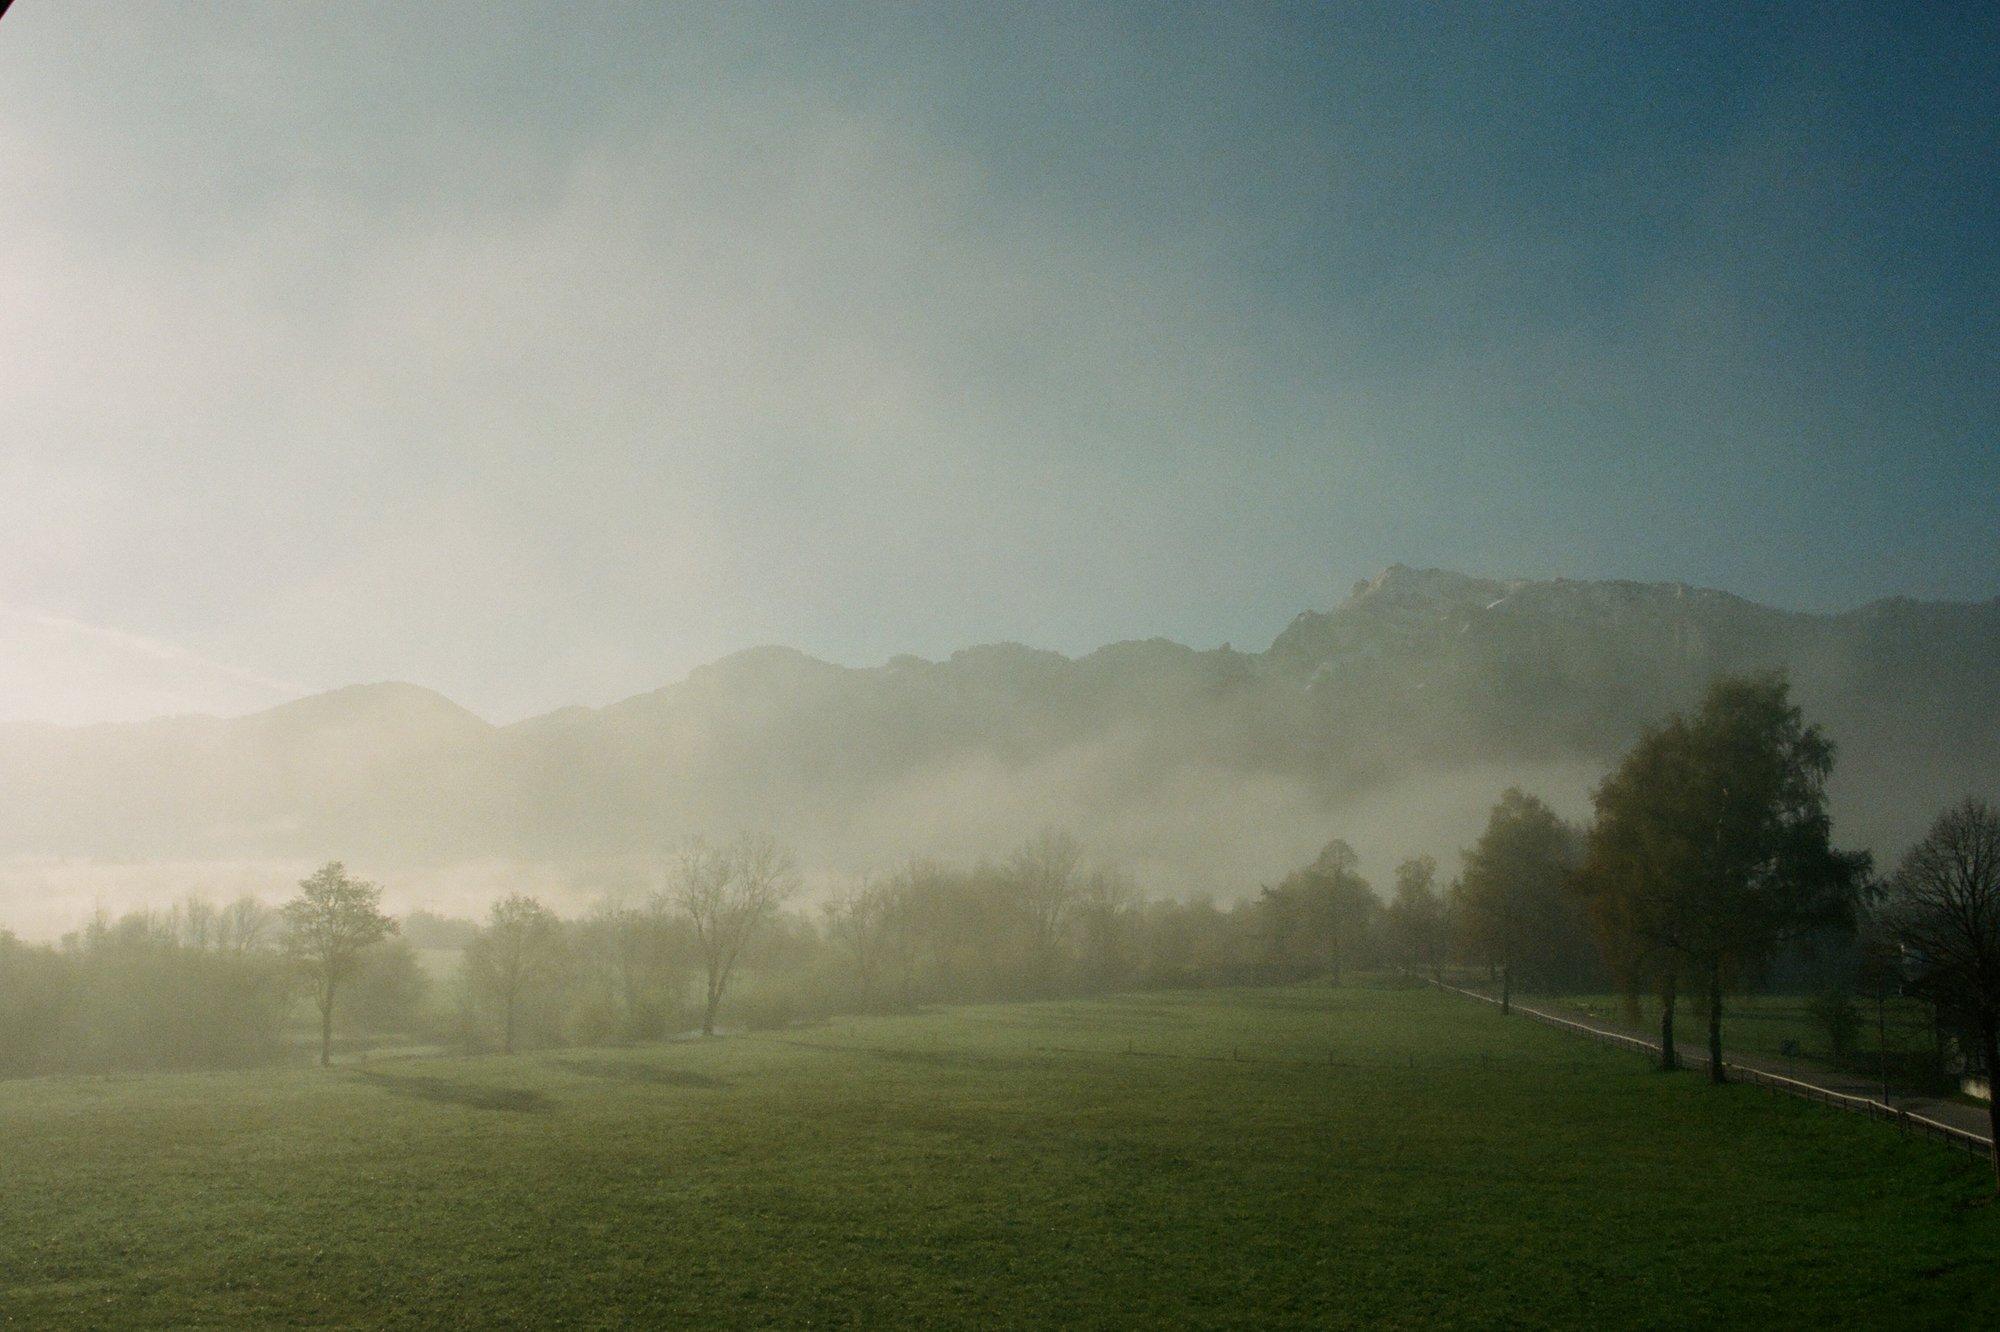 Neuschwanstein, Schwangau, and Bavaria on Film